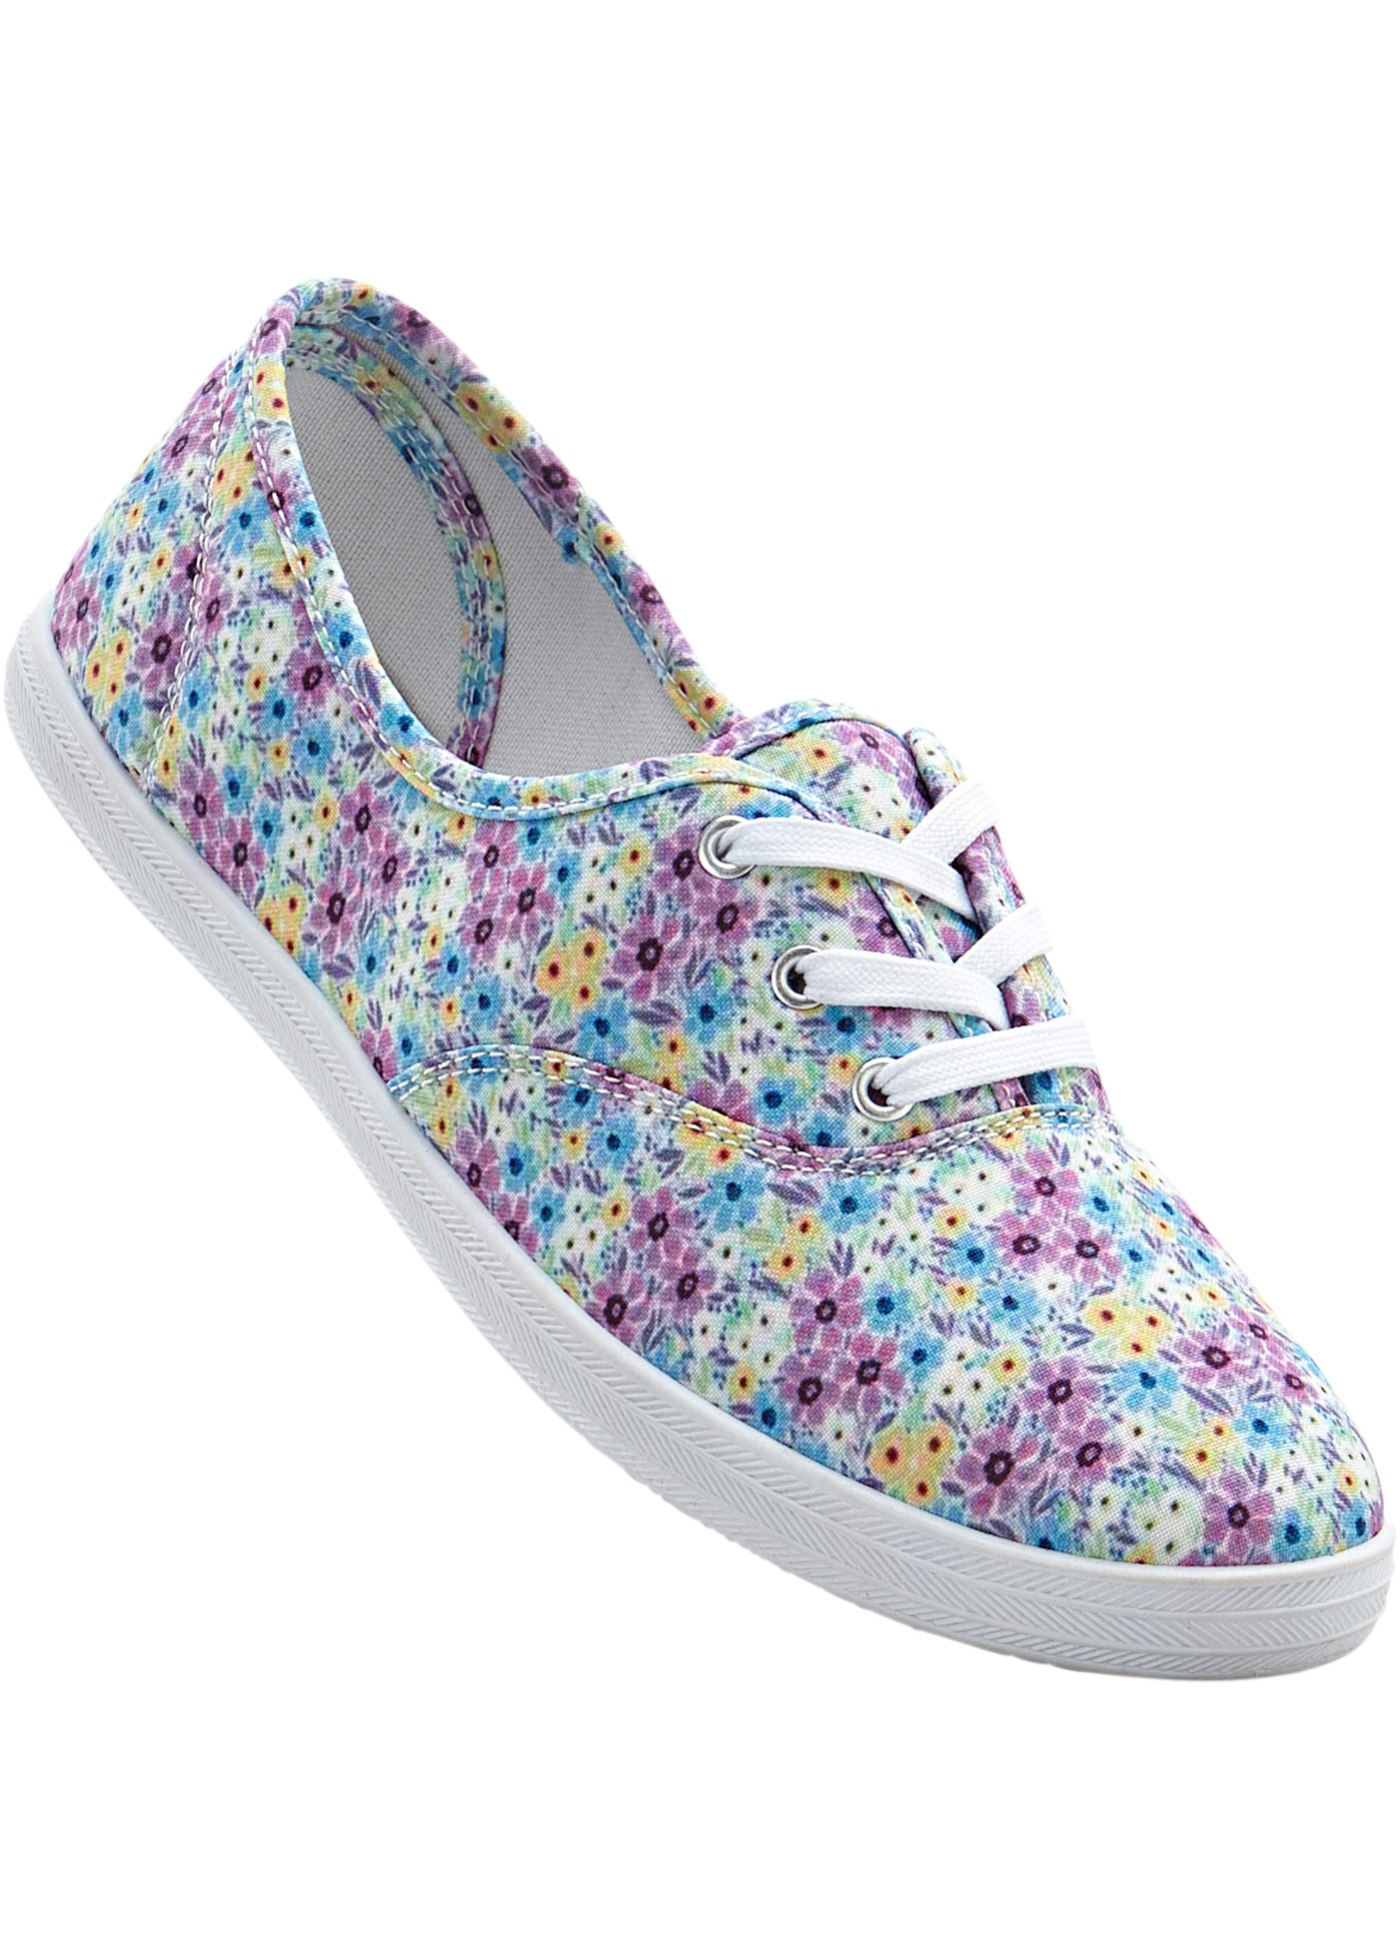 Sneaker  viola  - bpc bon